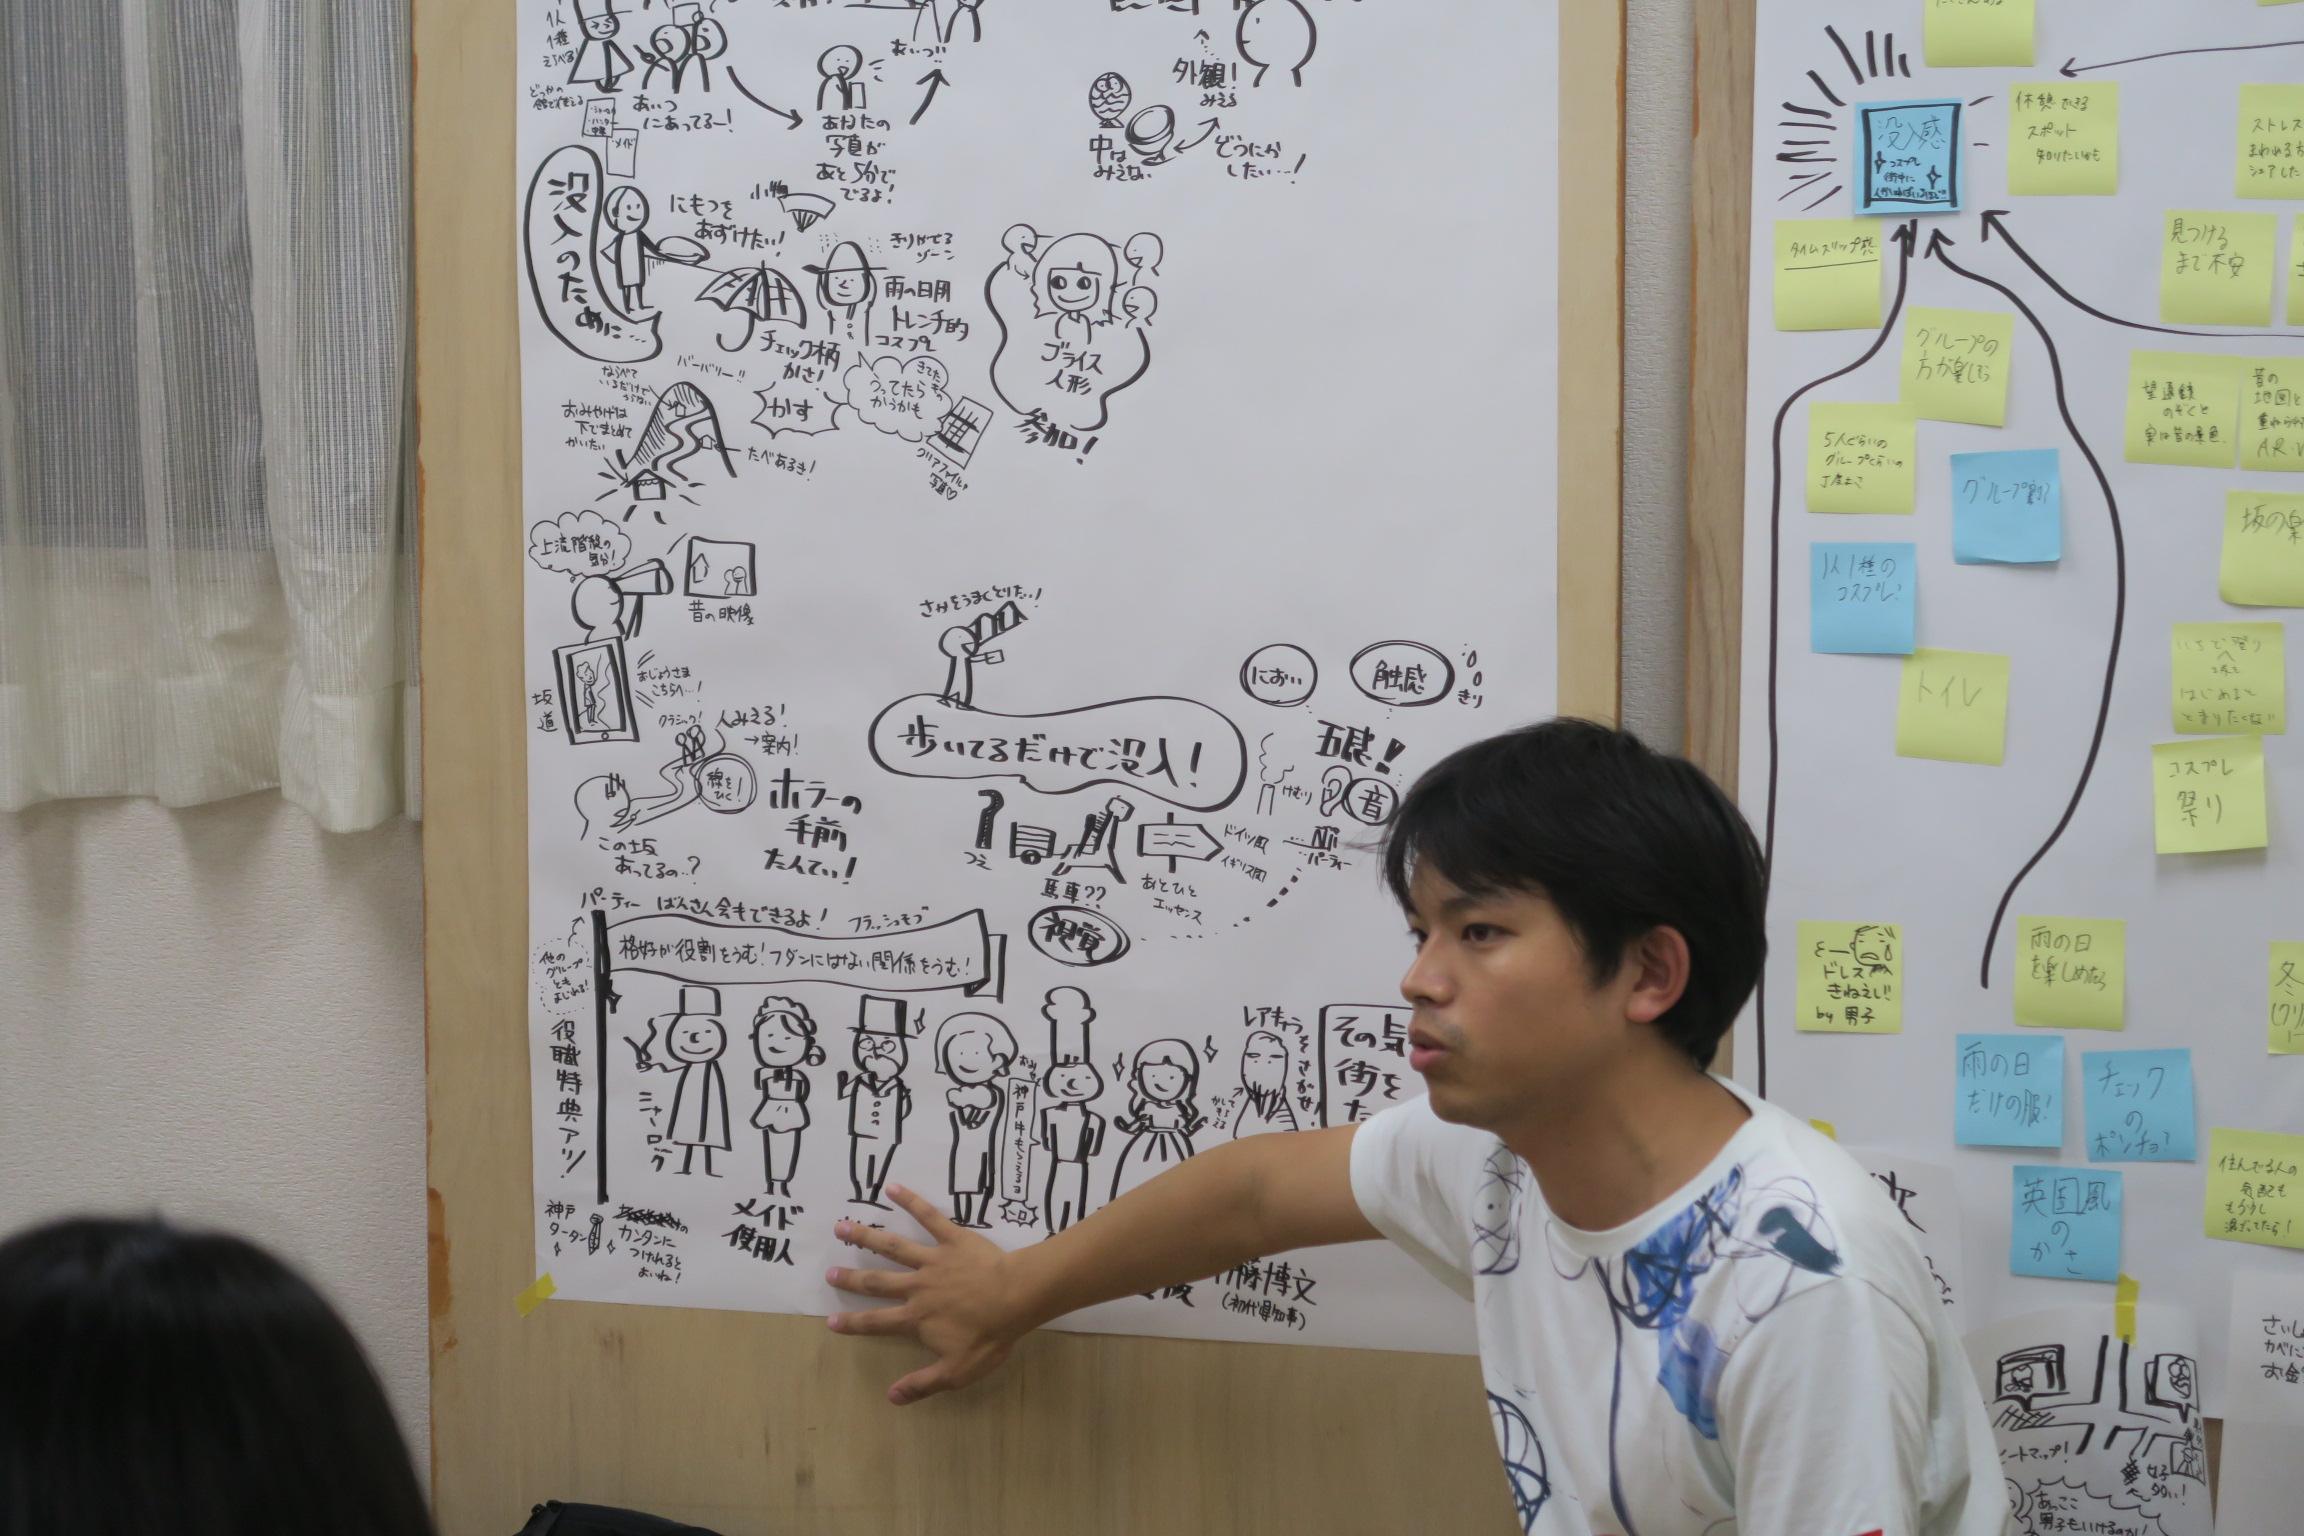 描かれたグラフィックを用いて参加者自ら語りだす